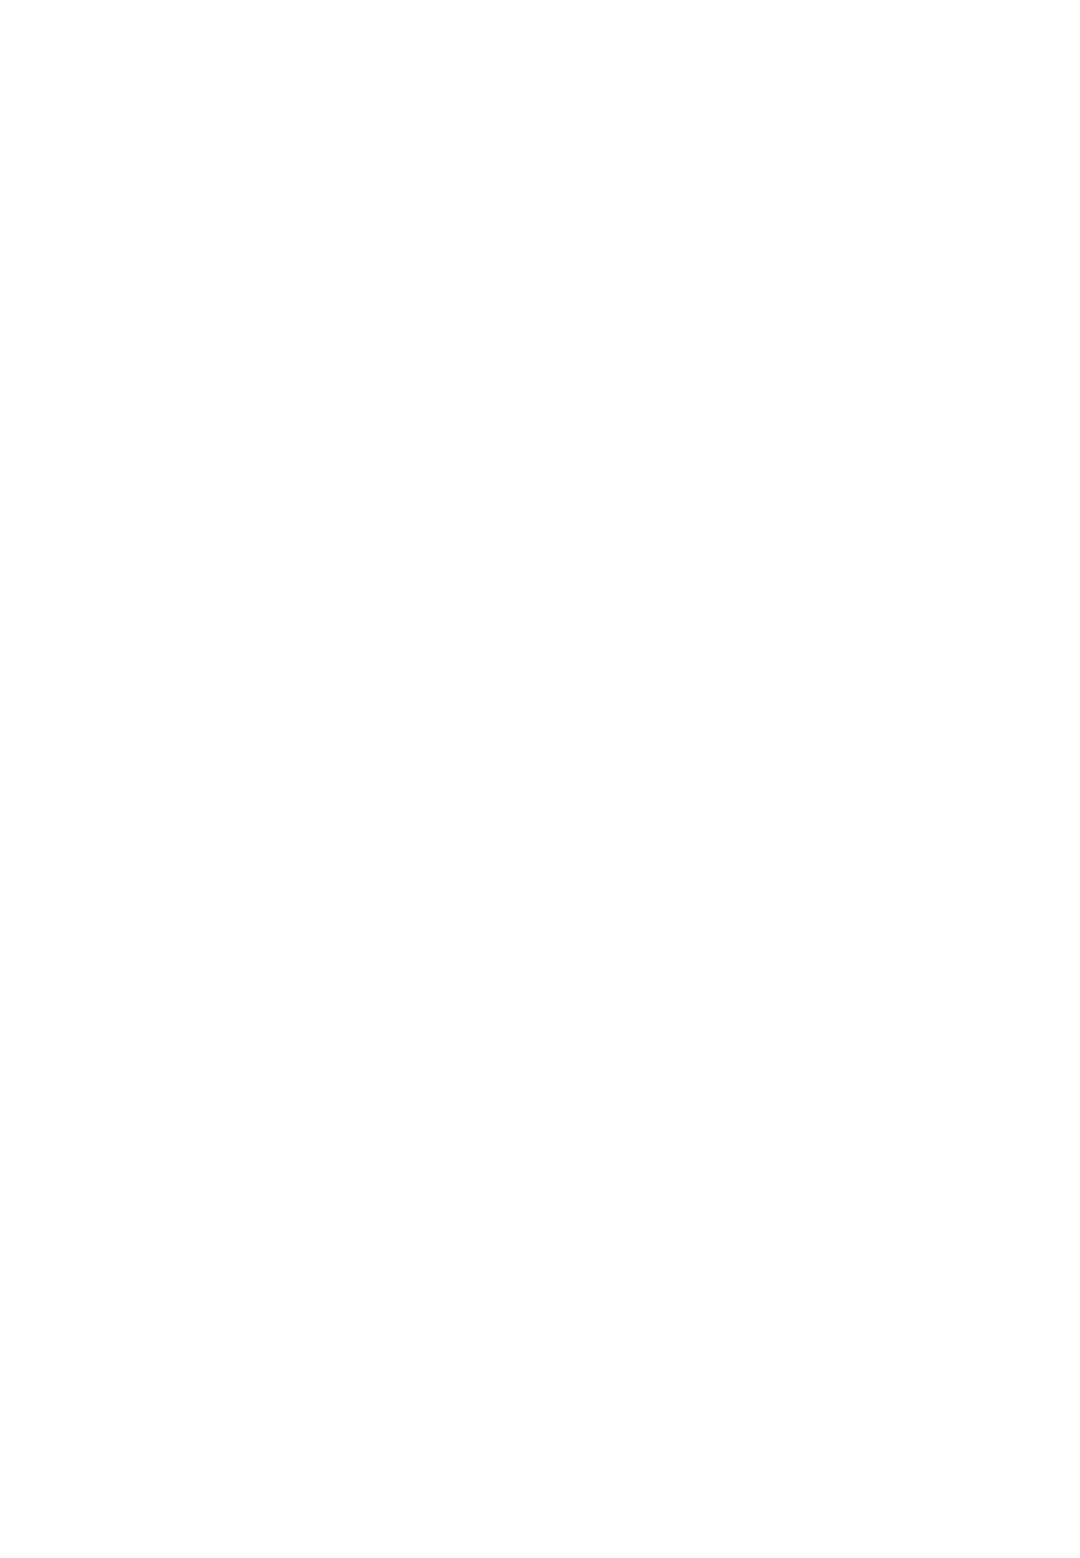 【エロ漫画】ムチムチ玉藻と主人公が欲望のままいちゃラブセックスしまくる。乳首責められてすっかりスイッチの入った玉藻はオチンポをおねだりしてバキュームフェラ!あまりの快感に耐えられず思わず口内射精する彼だったが、玉藻はごっくんをして受け入れる。そして生挿入セックスに発展して求め合うのだった。【フグマカロニ】